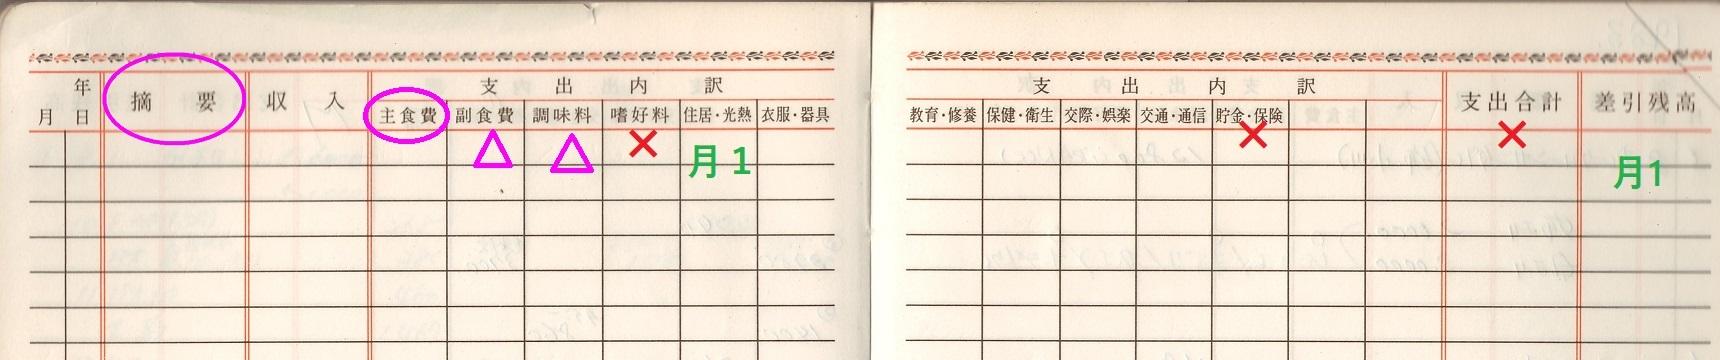 1-3-MG_0002.jpg